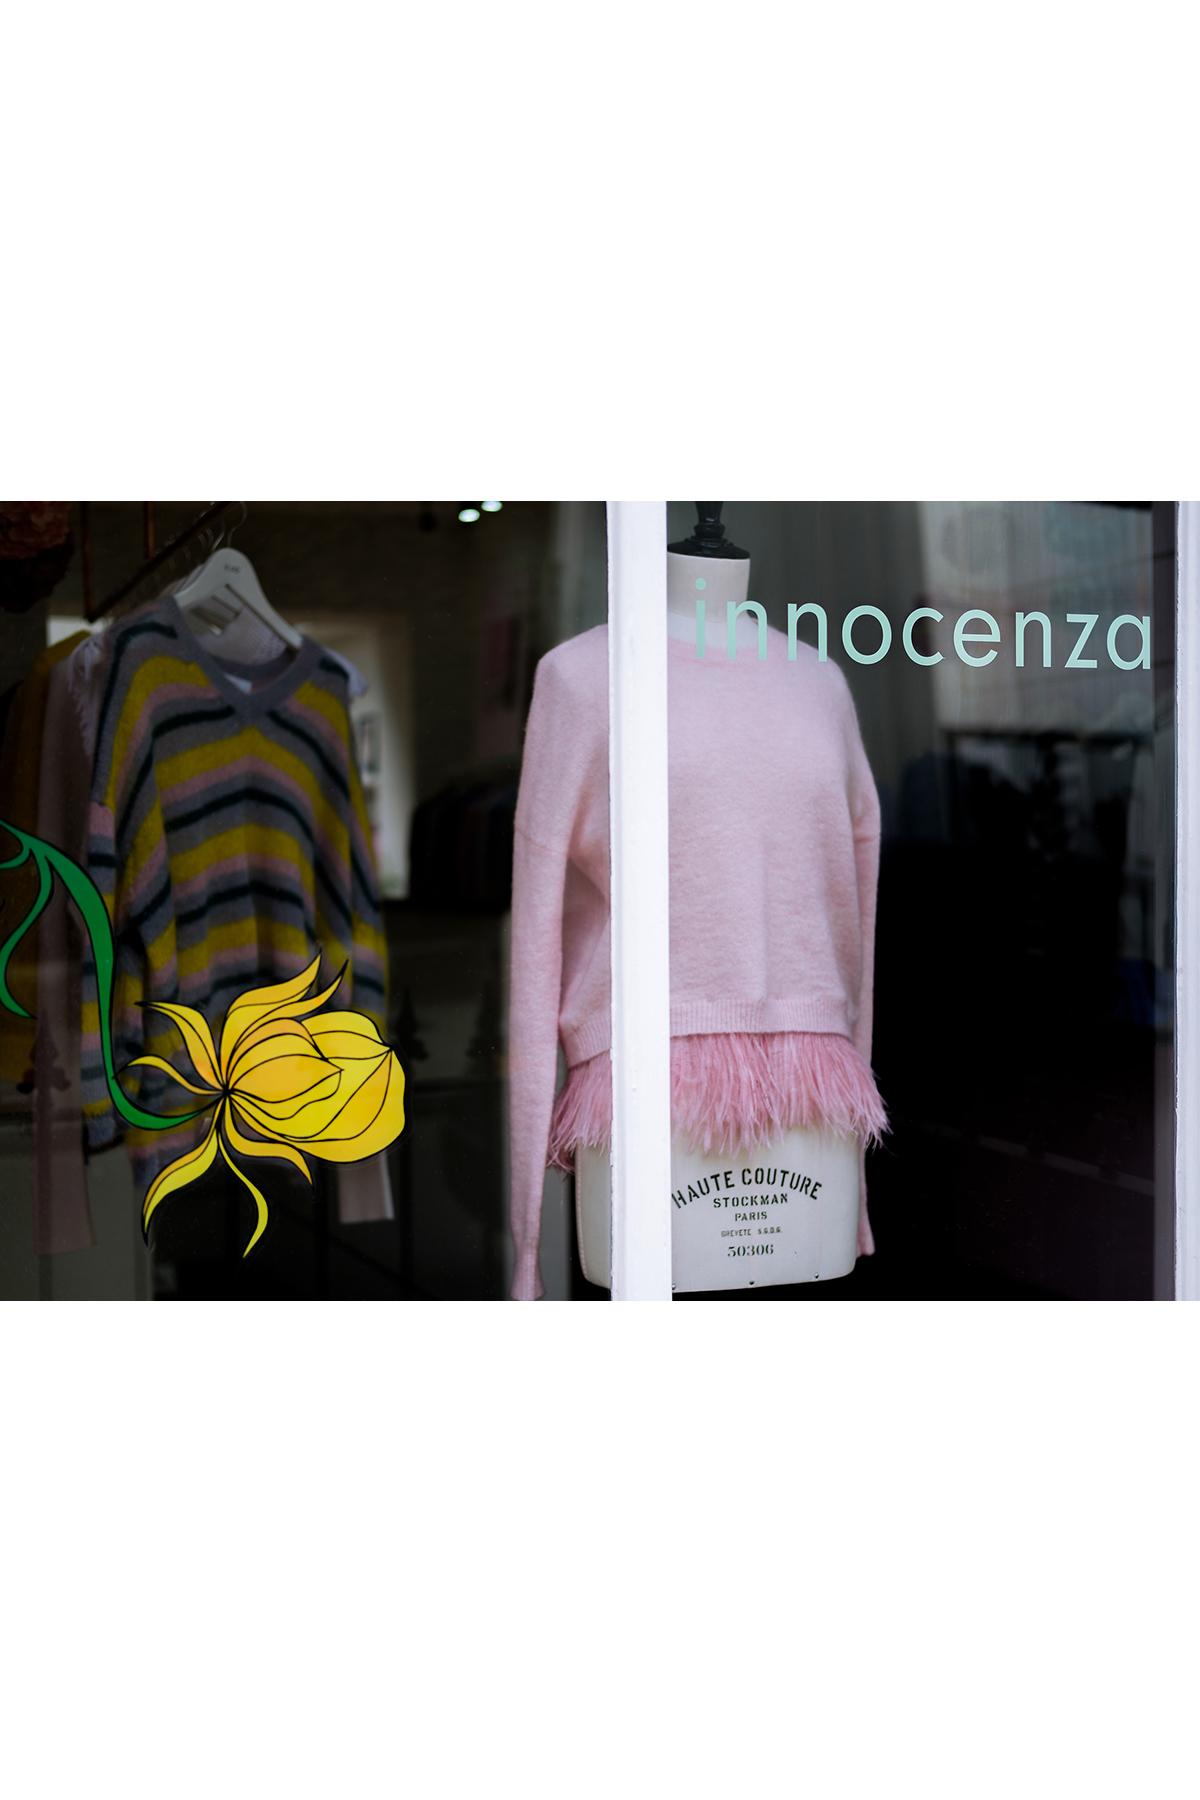 B 003_Innocenza-Window_DSCF4374.jpg